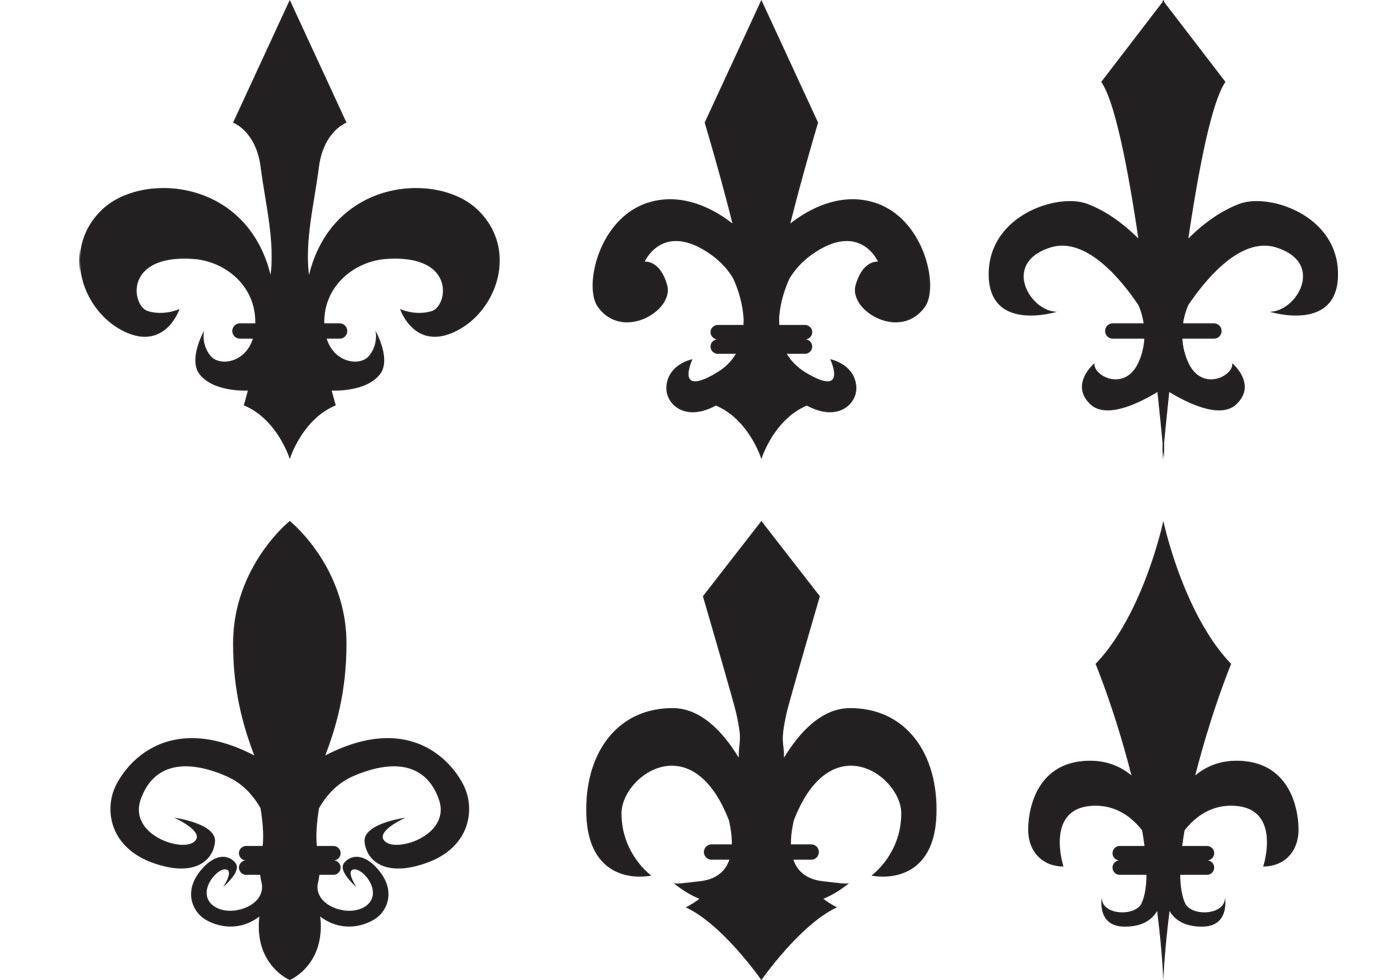 Fleur de lis vector silhouettes download free vector art for Flur design